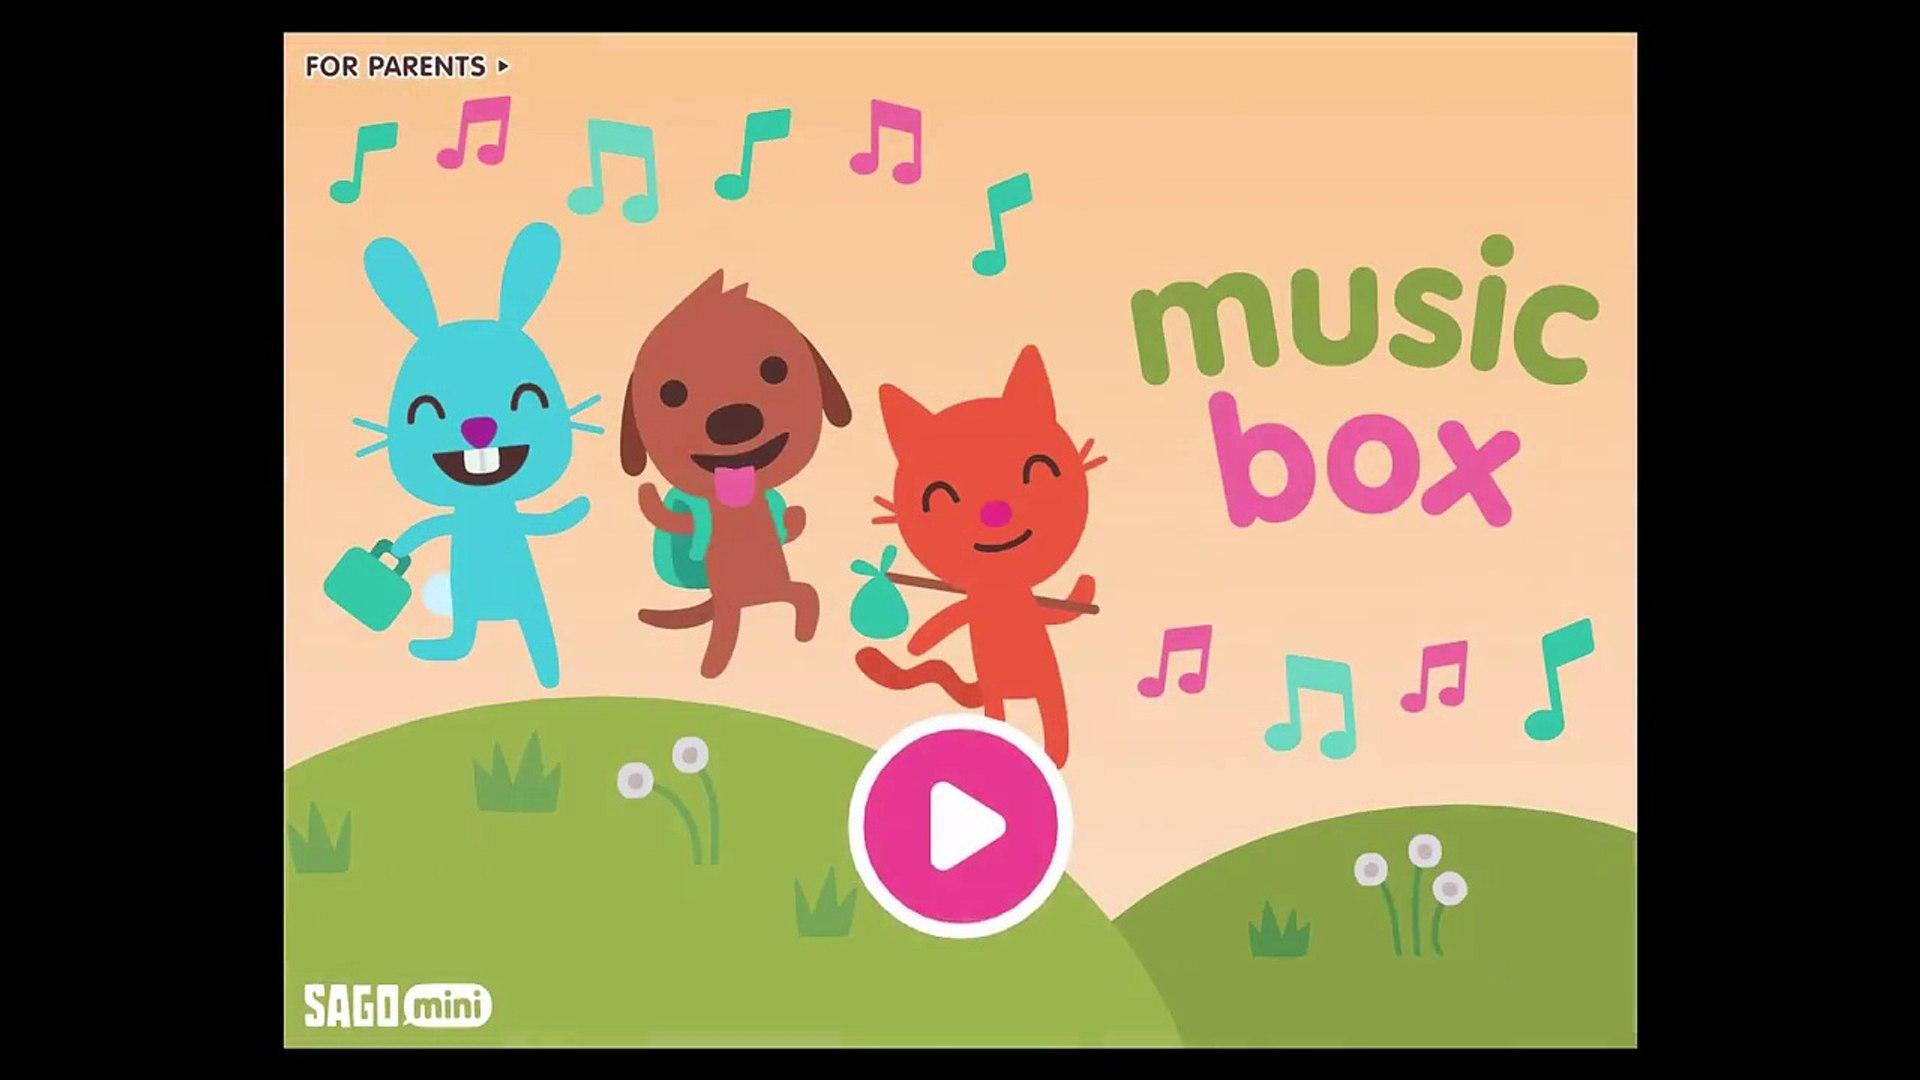 Саго Мини музыка Коробка саго саго Дети играть музыка программы